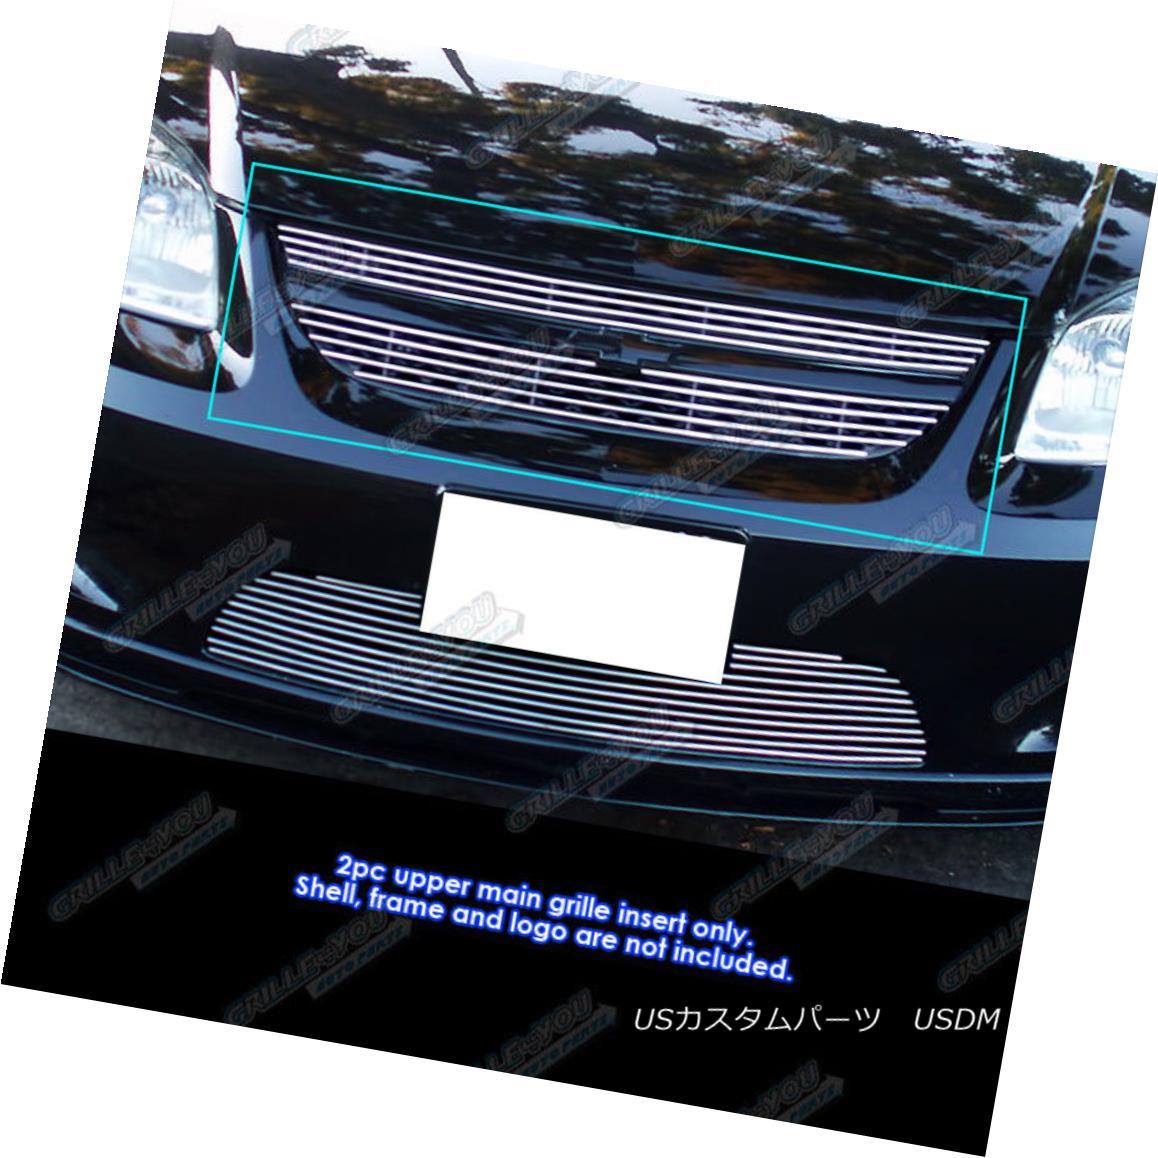 グリル Fits 05-10 Chevy Cobalt Main Upper Billet Grille Insert フィット05-10チェビーコバルトメインアッパービレットグリルインサート